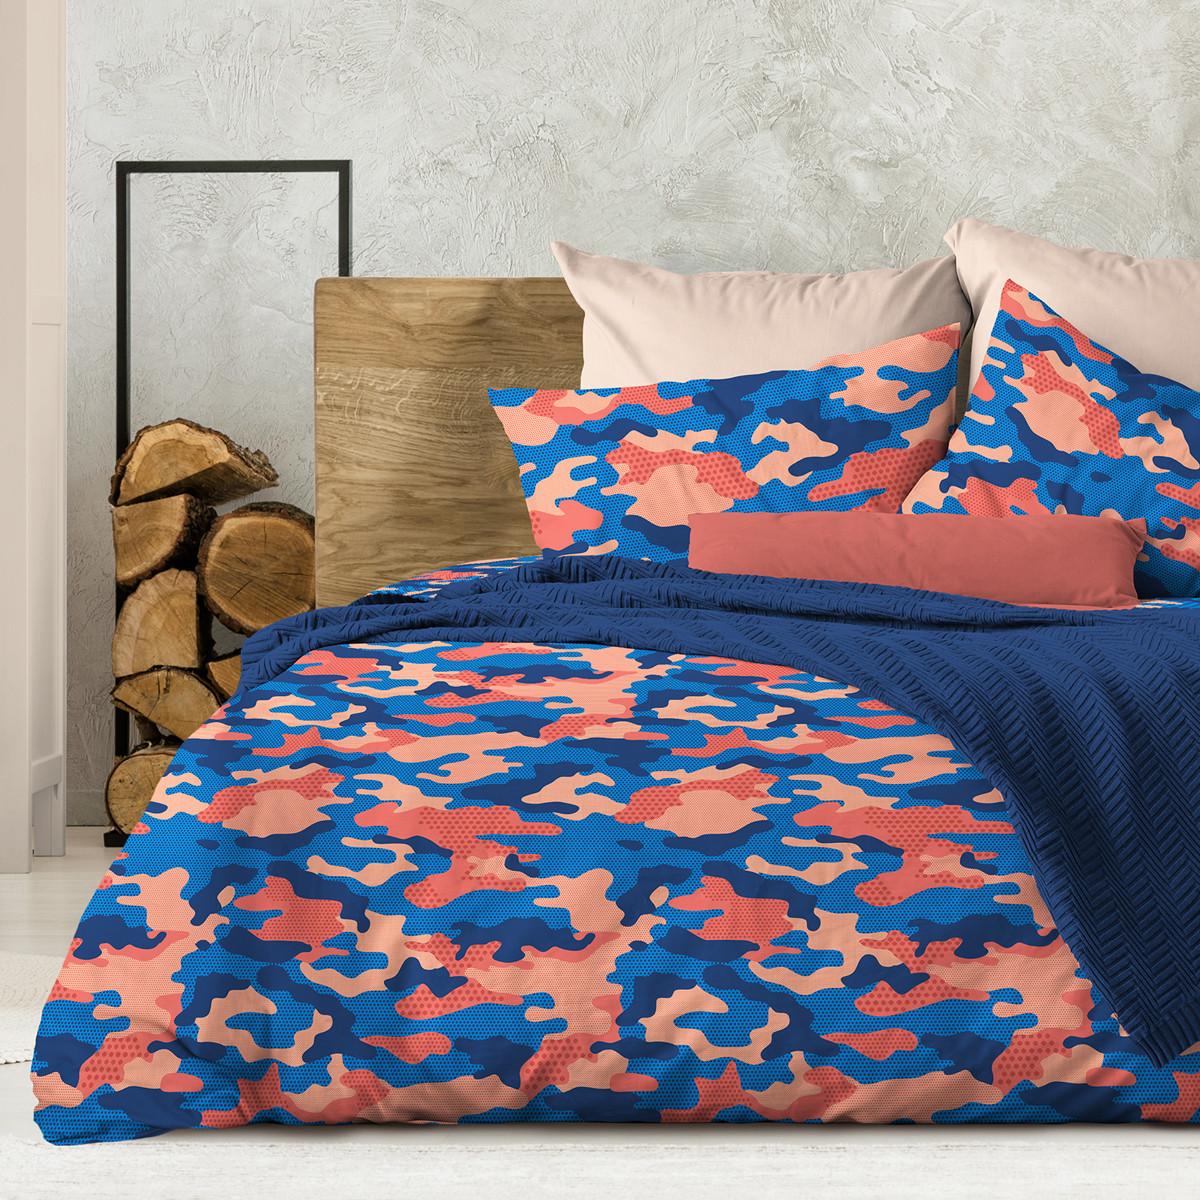 Wenge Комплект постельного белья Extreme,  WENGE, 2 спальный евро